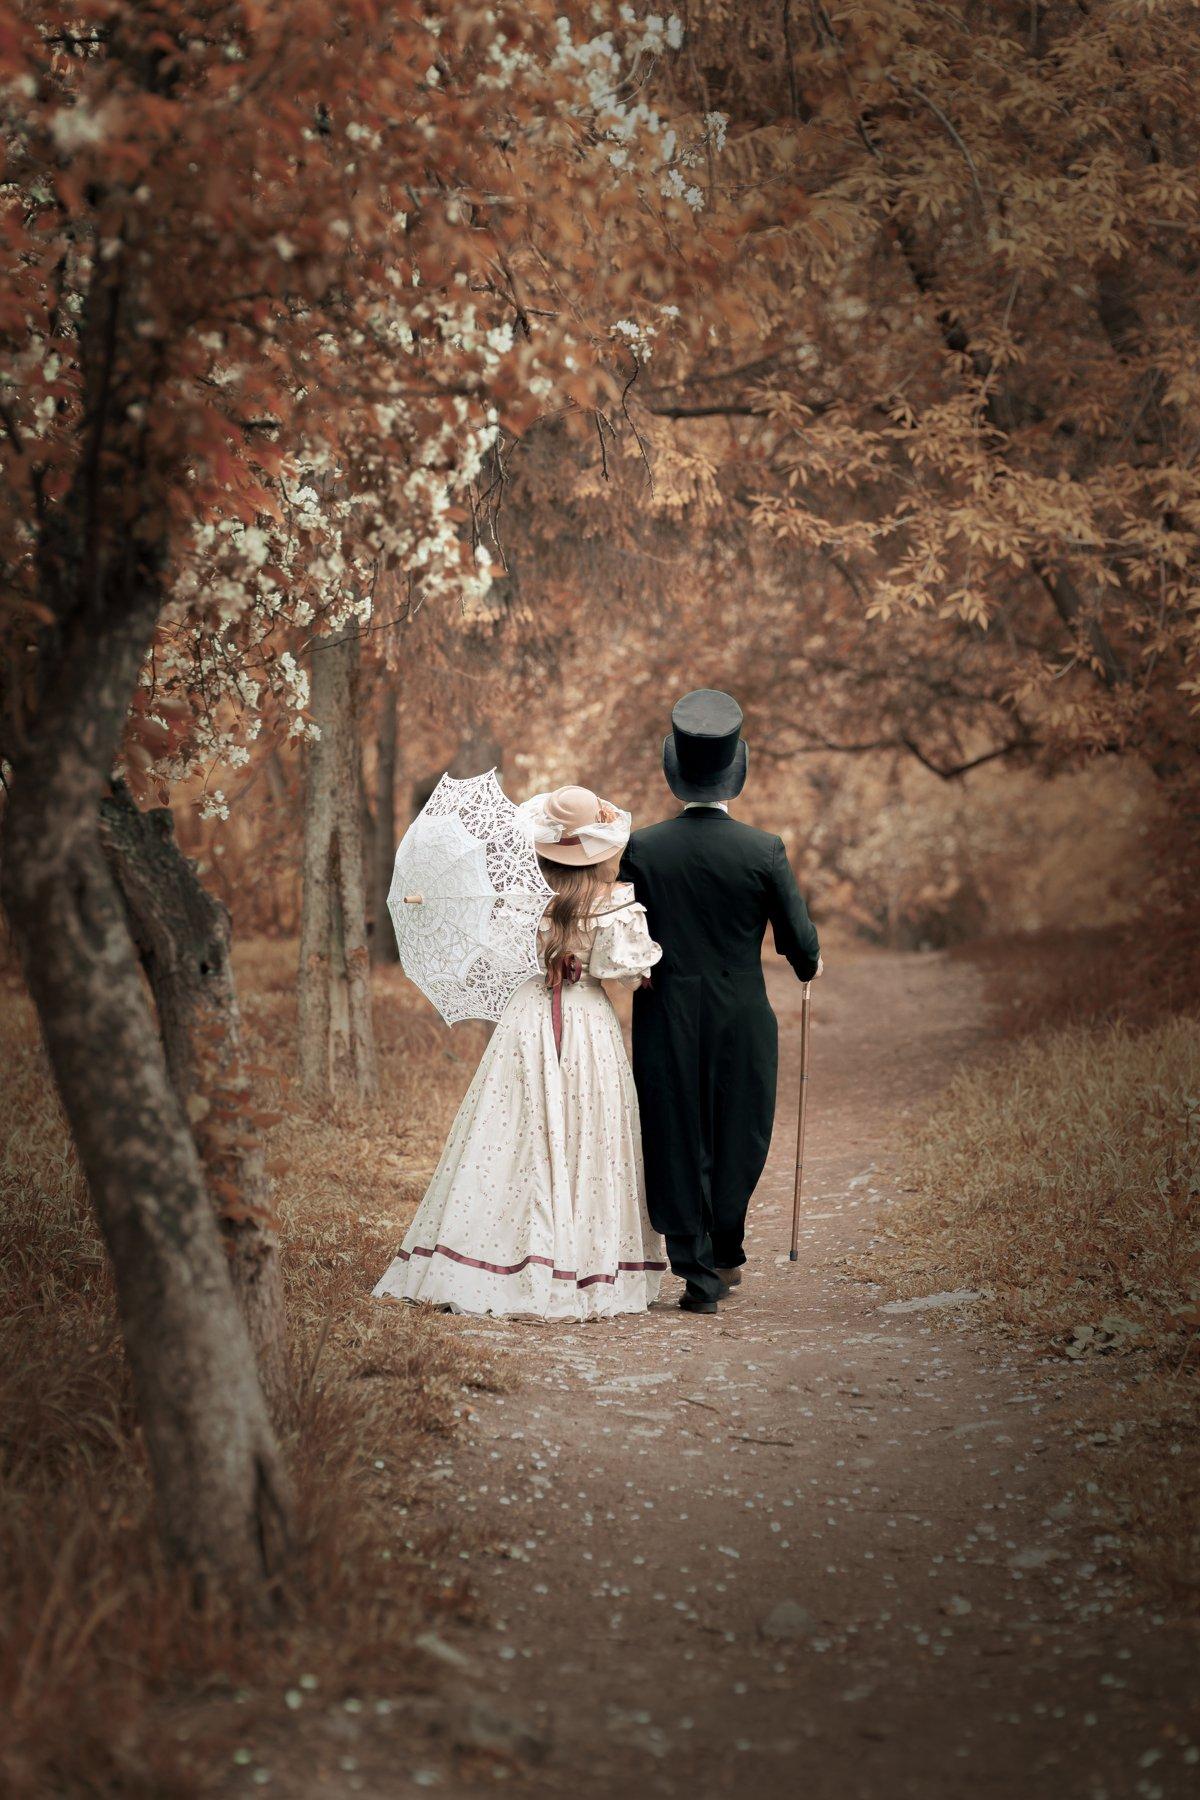 девушка, мужчина, парк, 19 век, постановка, костюм, платье, зонтик, историческая, история, чехов, любвоь , Комарова Дарья